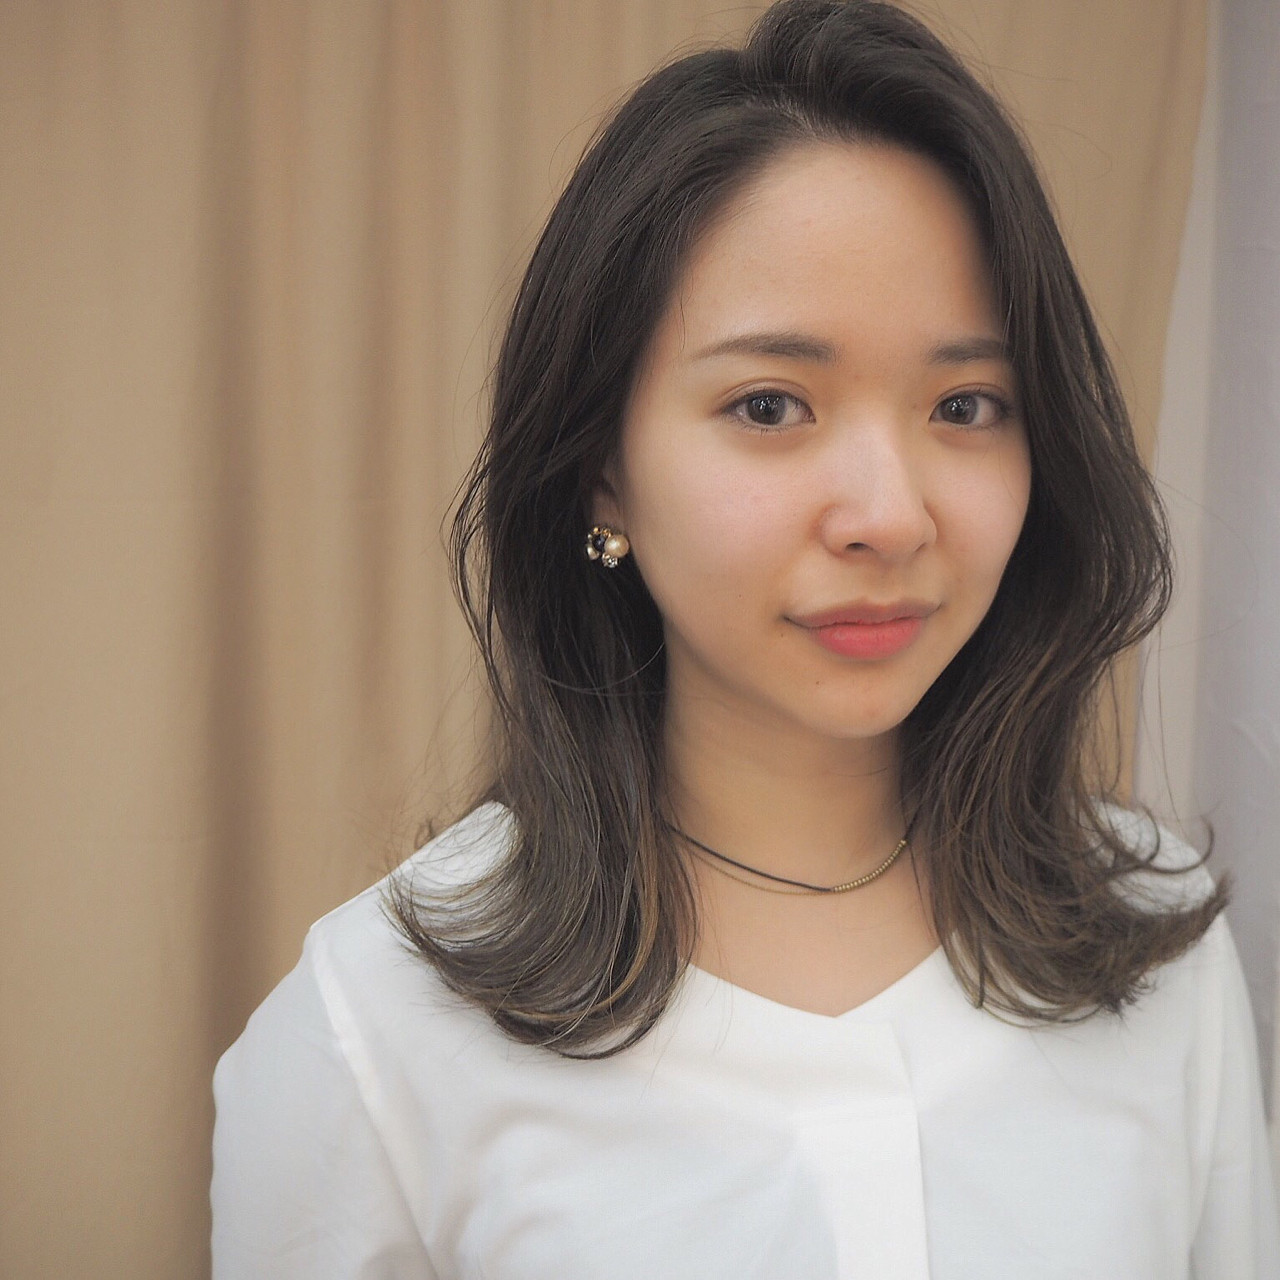 外国人風ヘアを目指す!グレー系のおすすめ髪色ヘアカタログ♡ 宮迫 真美